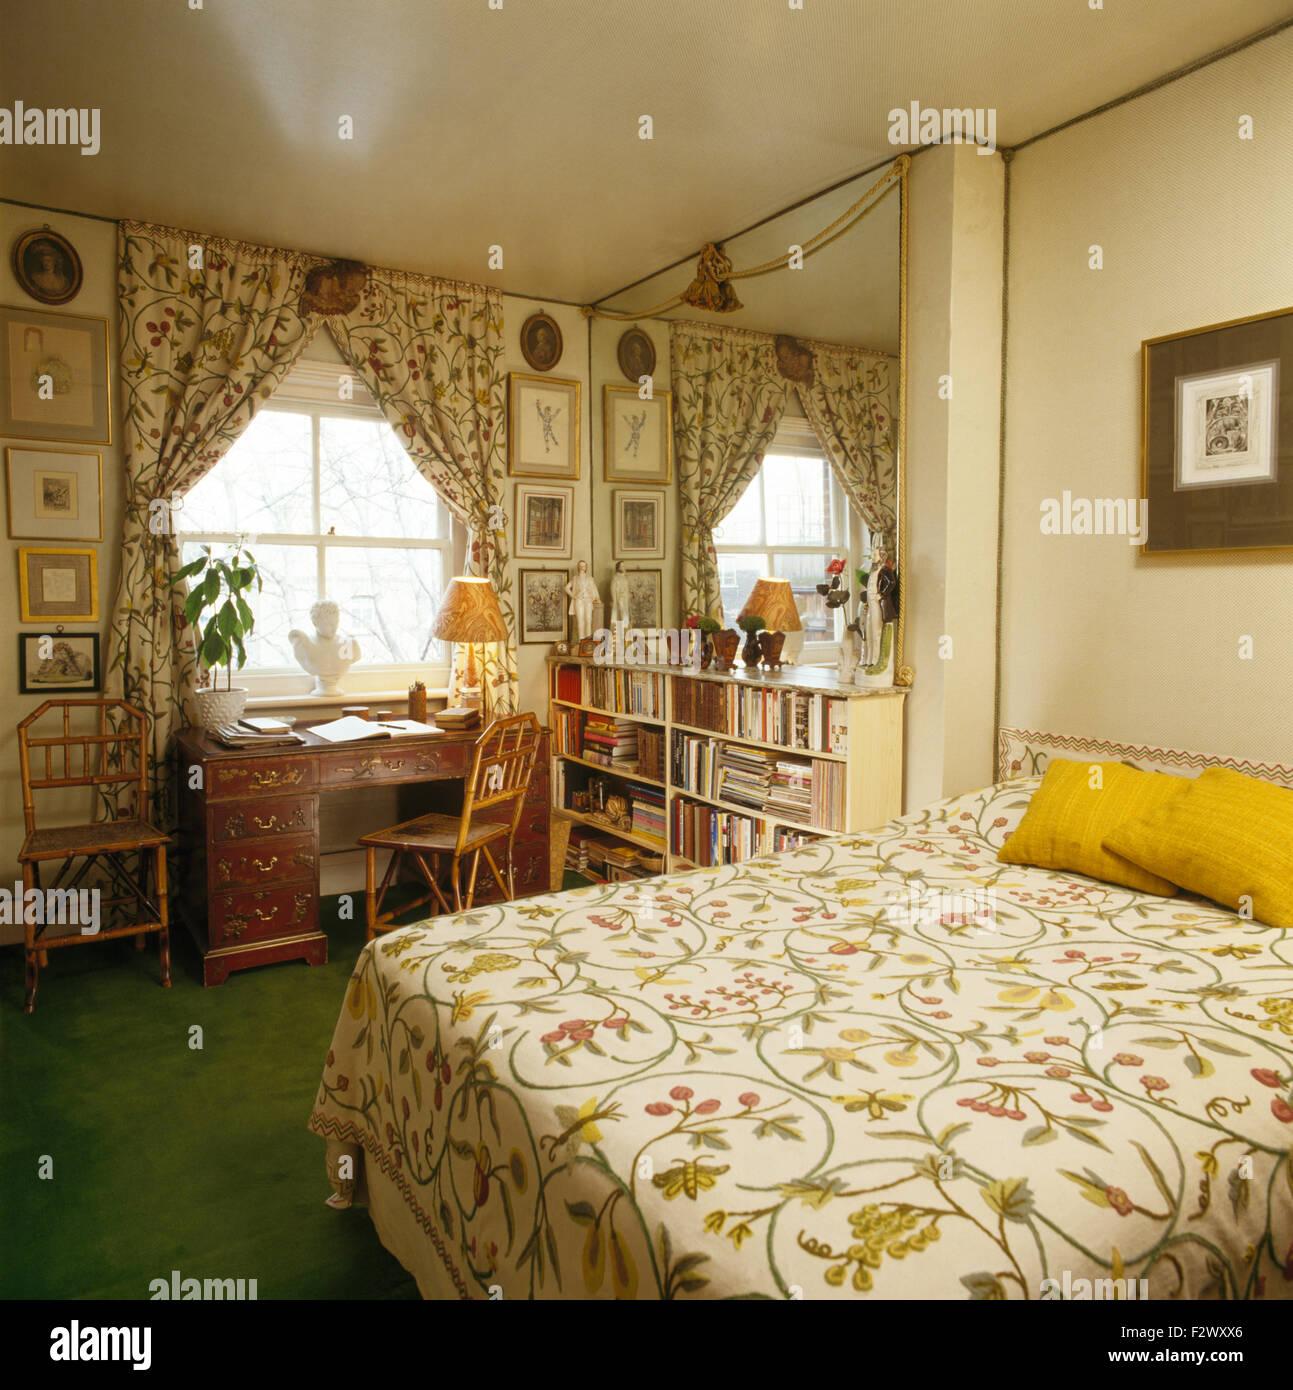 Crewelwork copriletto e tende in ottanta studio camera da letto Foto ...